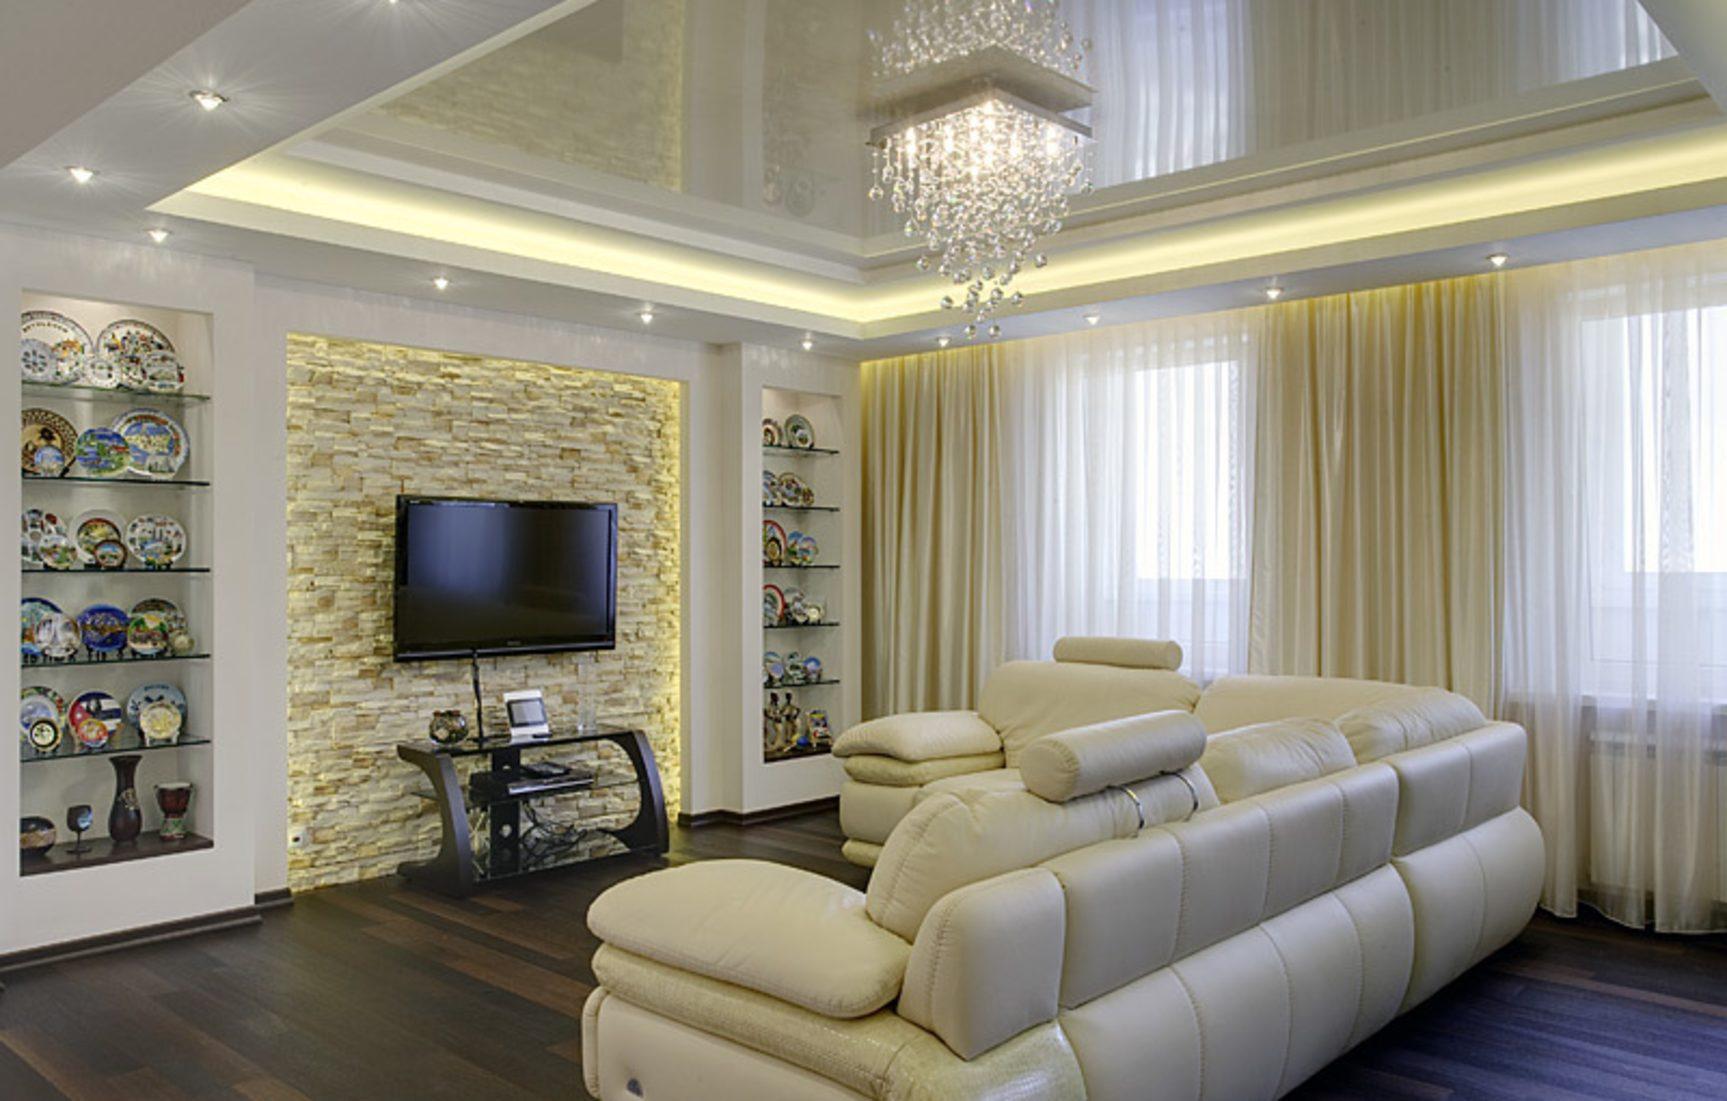 телевизор, диван, люстра в гостиной